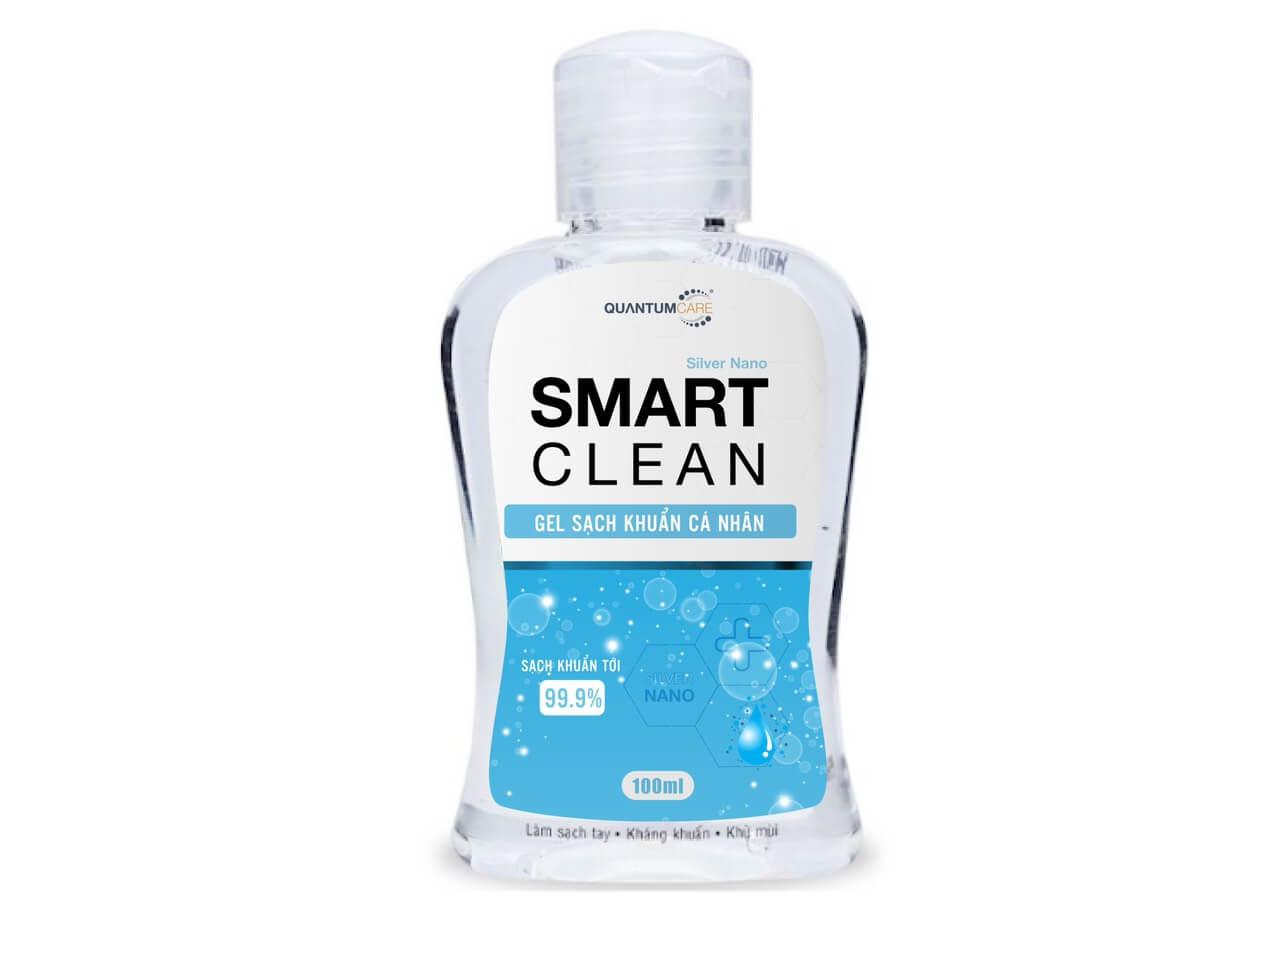 Nước rửa tay khô có tác dụng gì? tốt không, có diệt virus không?